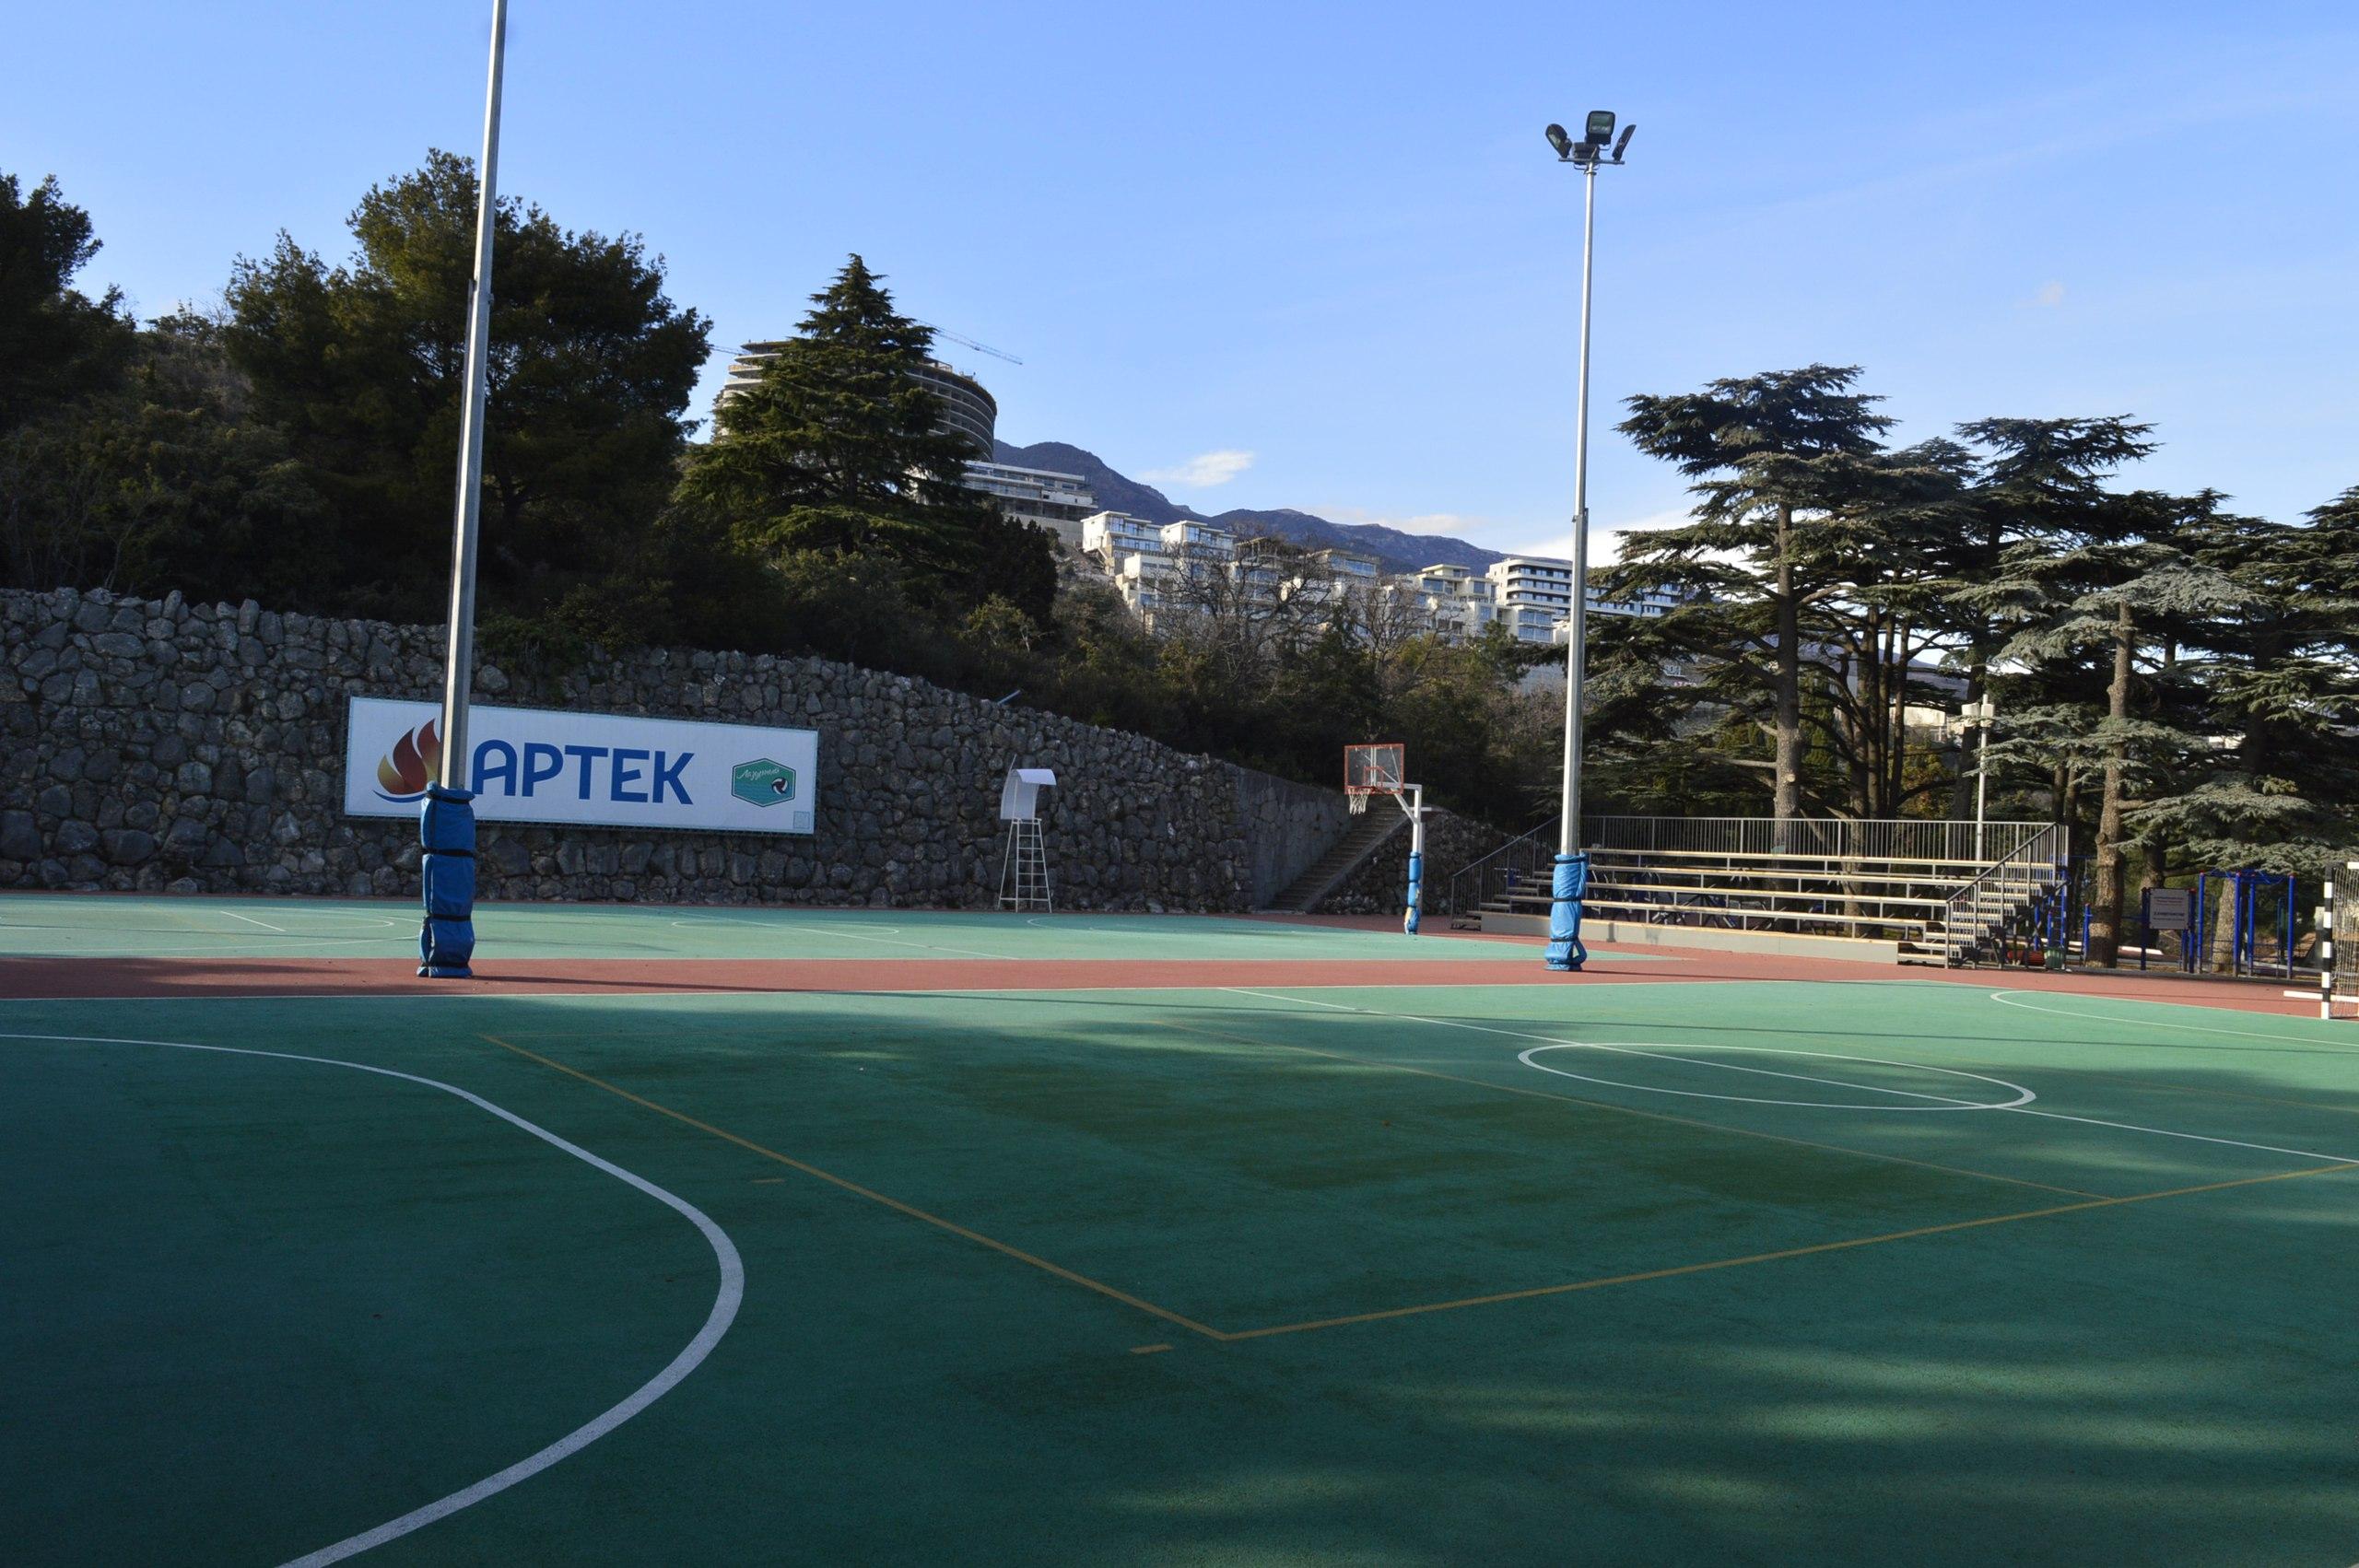 Артек, Стадион в Лазурном